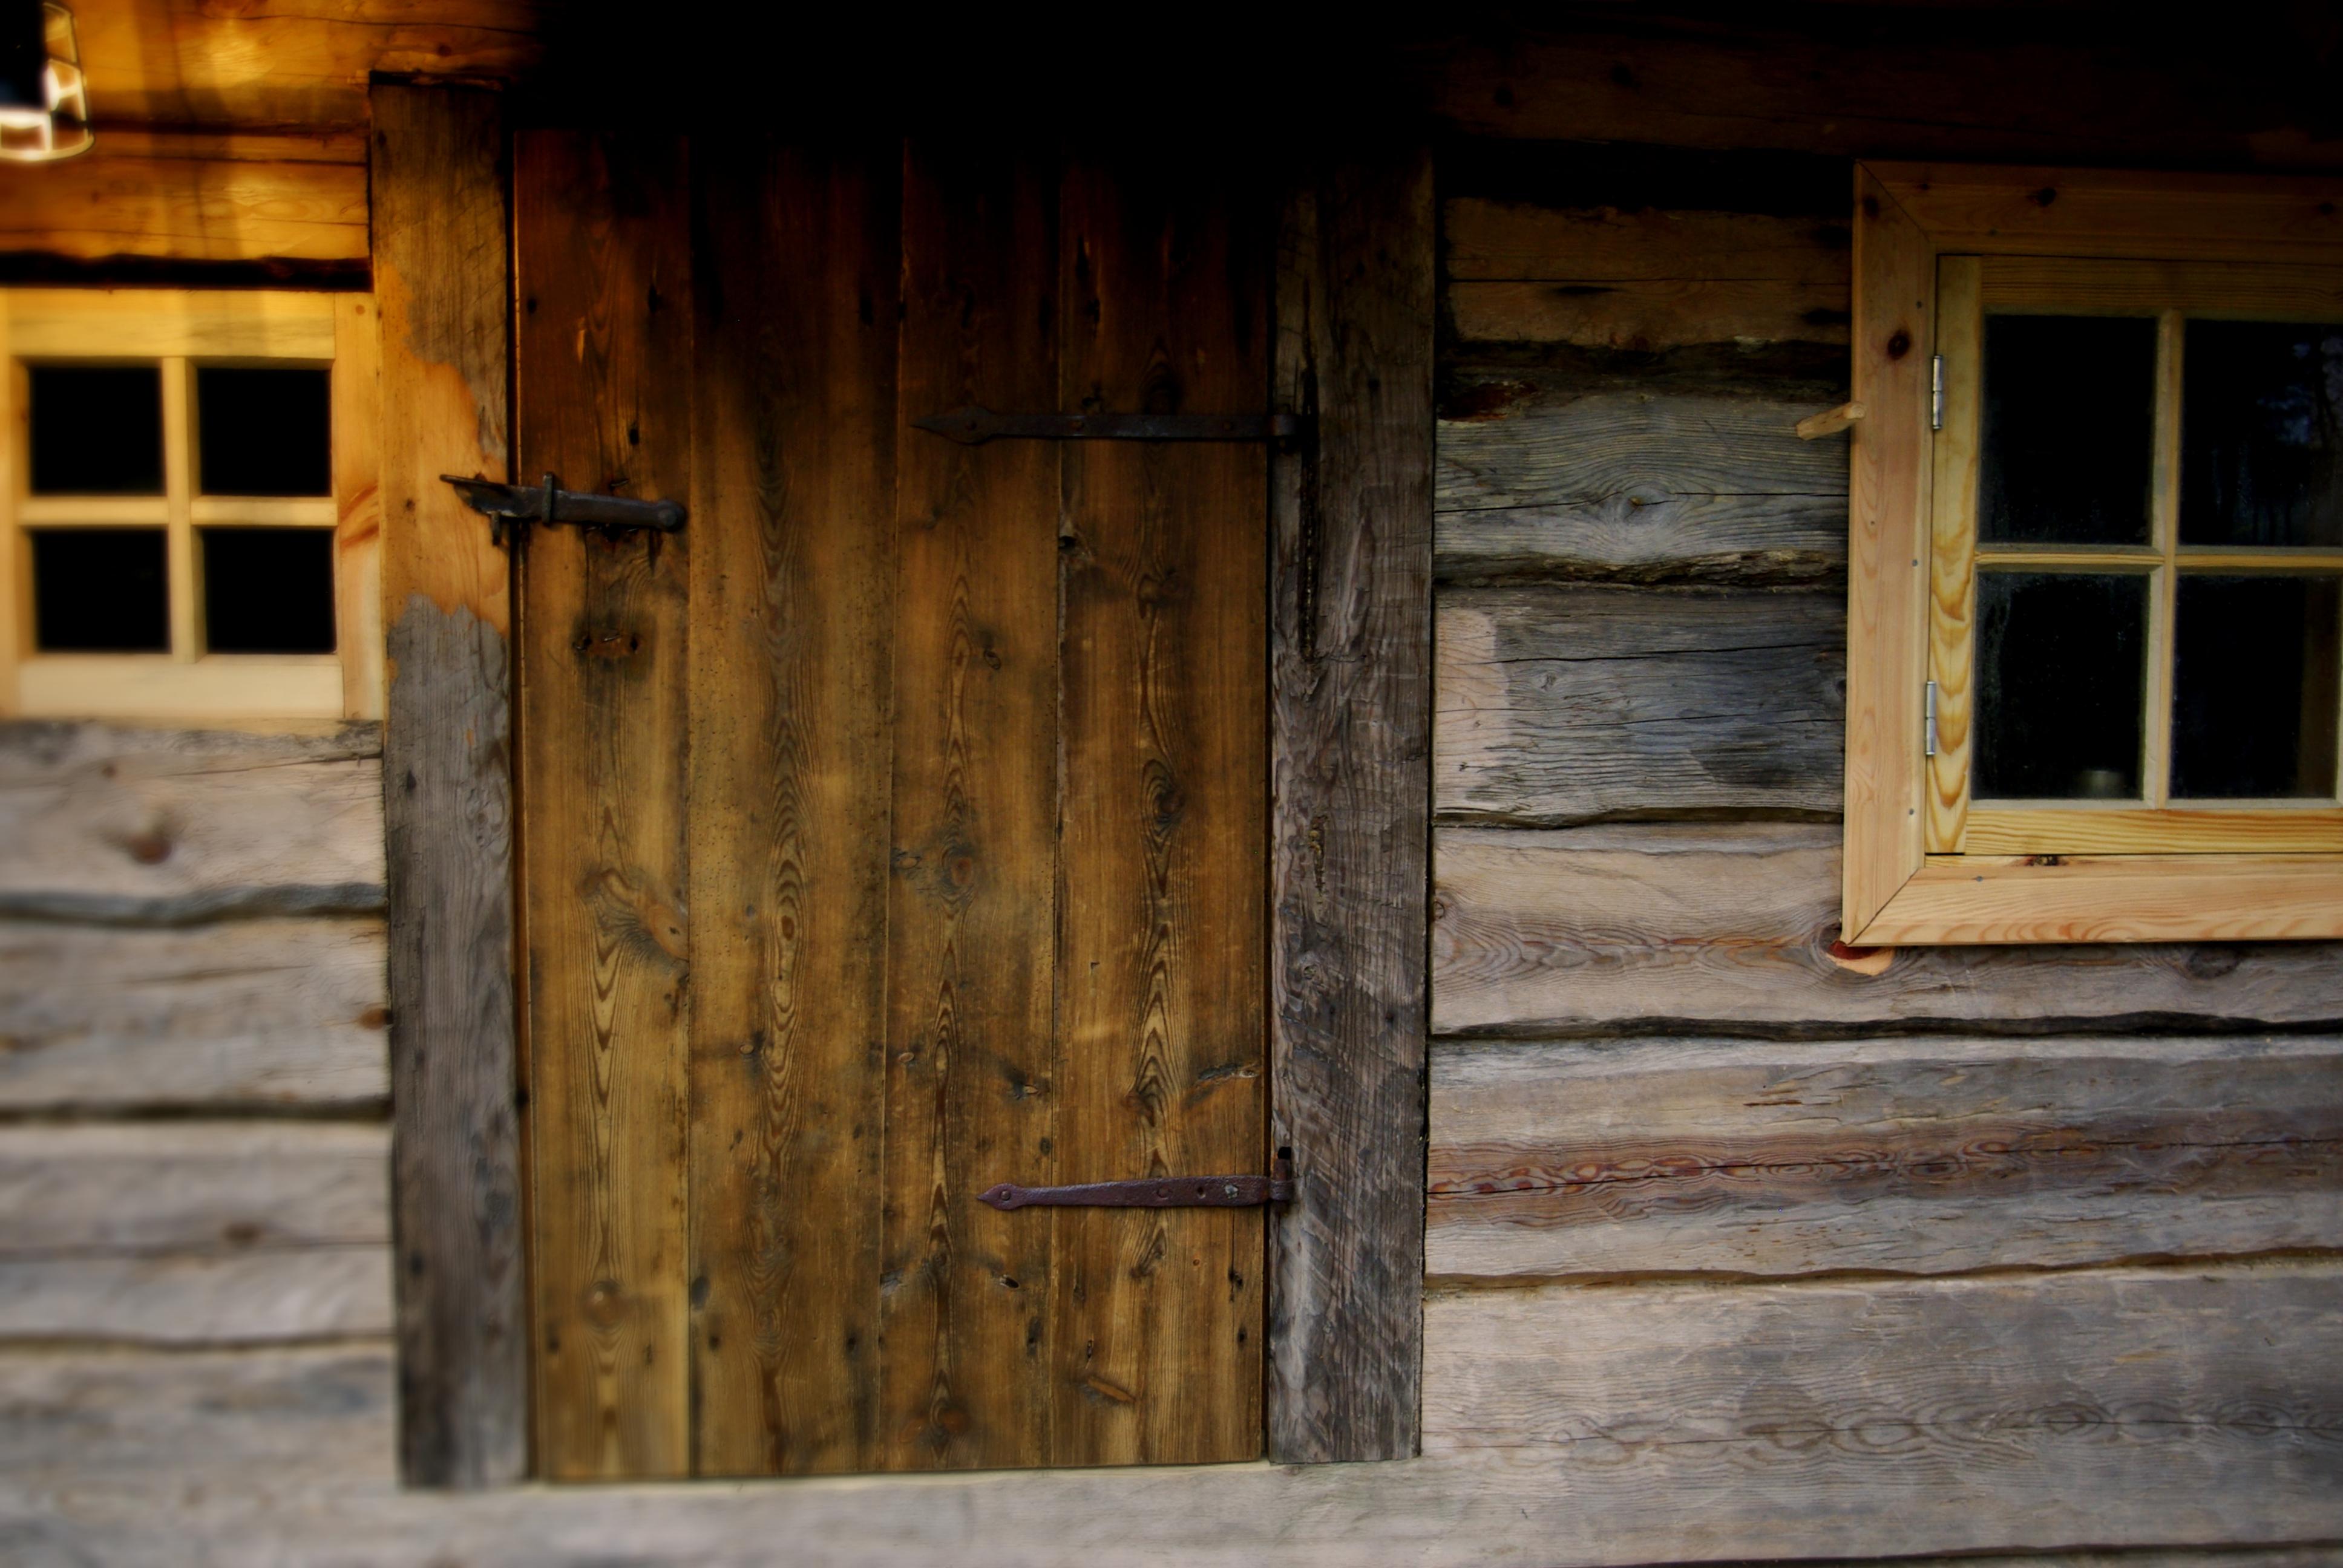 suitsusaun, uks, palksaun, eesti traditsioonid, eesti ajalugu, traditsiooniline käsitöö